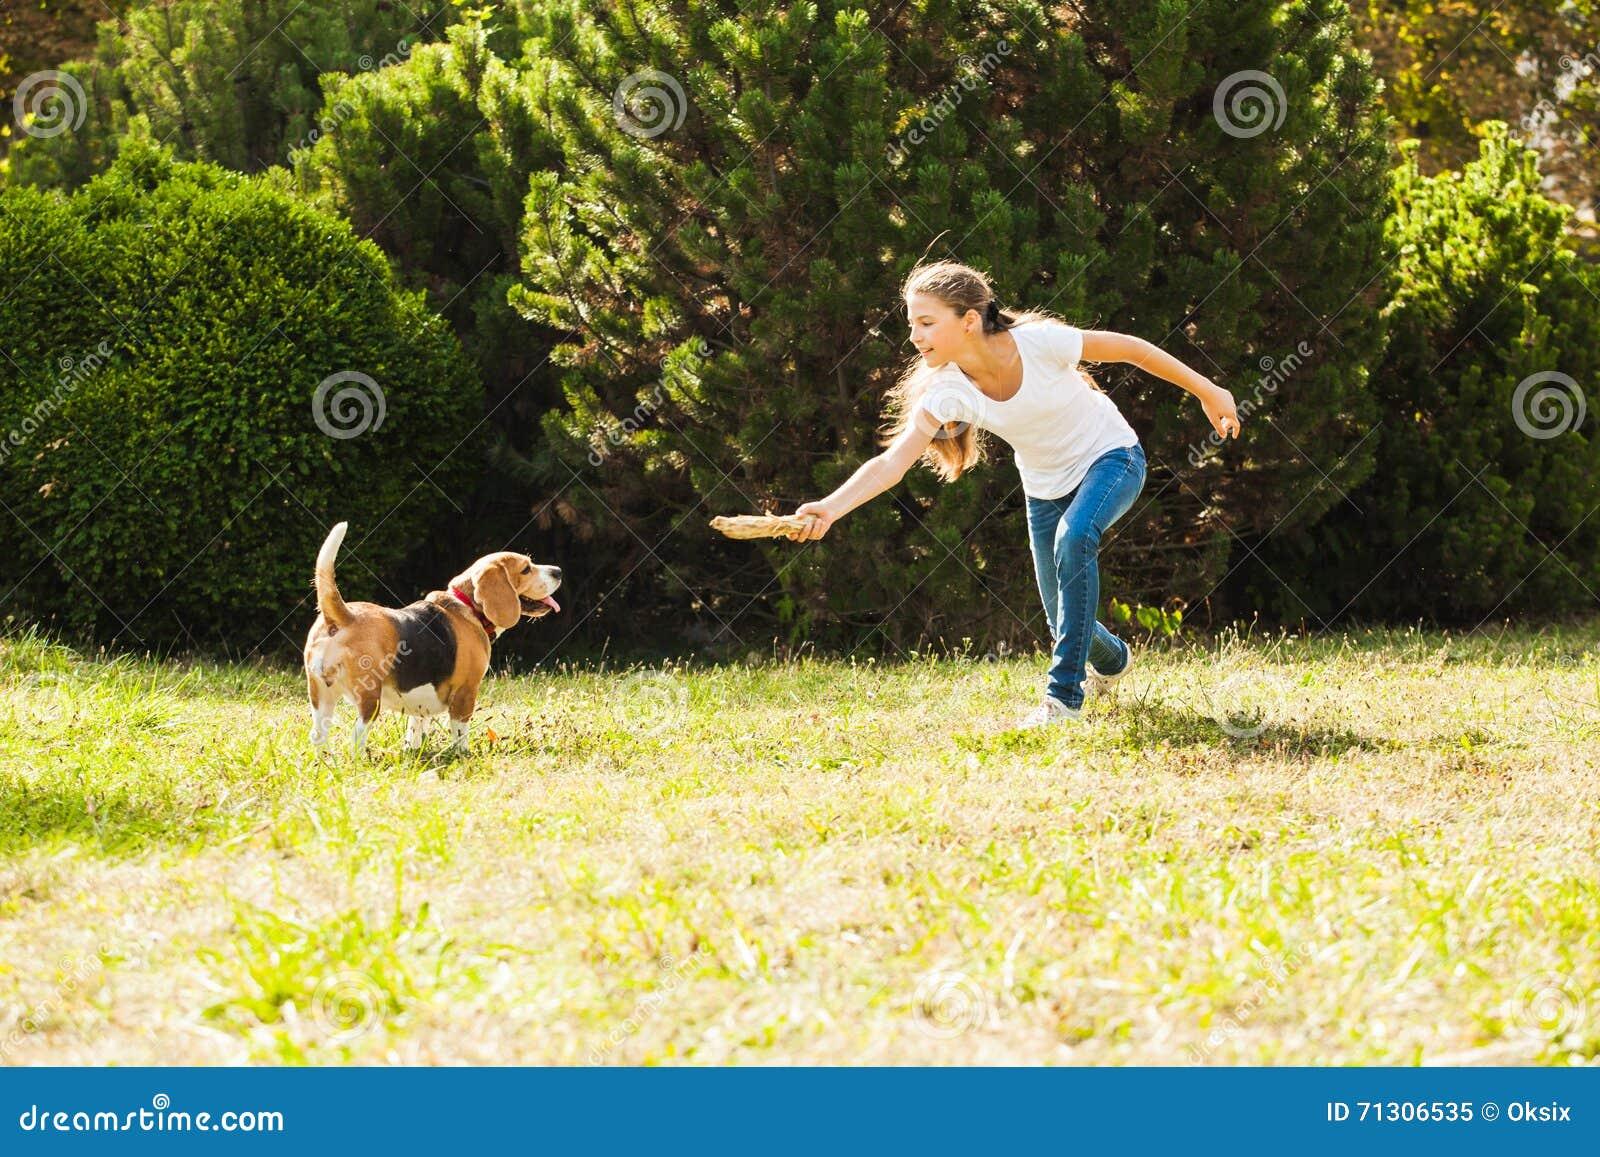 пес засаживае девушке видио